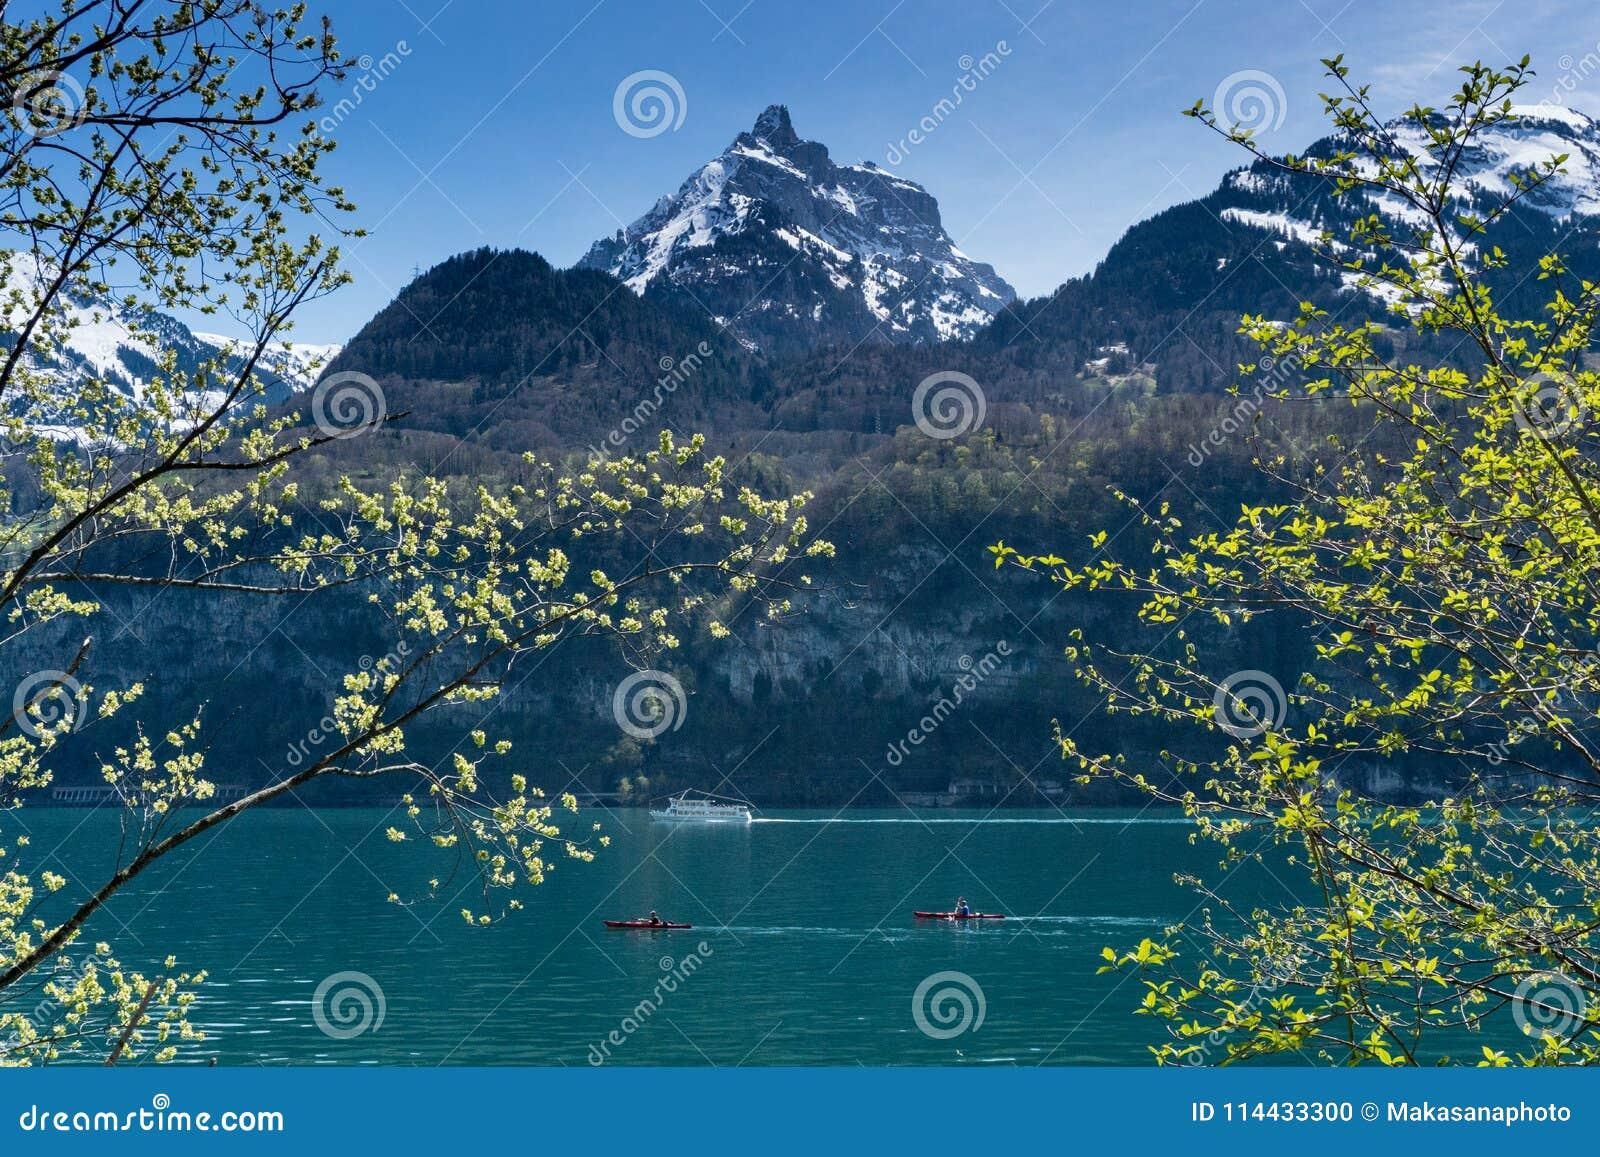 Piękna turkusowa halna jeziorna panorama z śnieżystymi szczytami, zielonymi łąki, lasy i łodzie na jeziorze